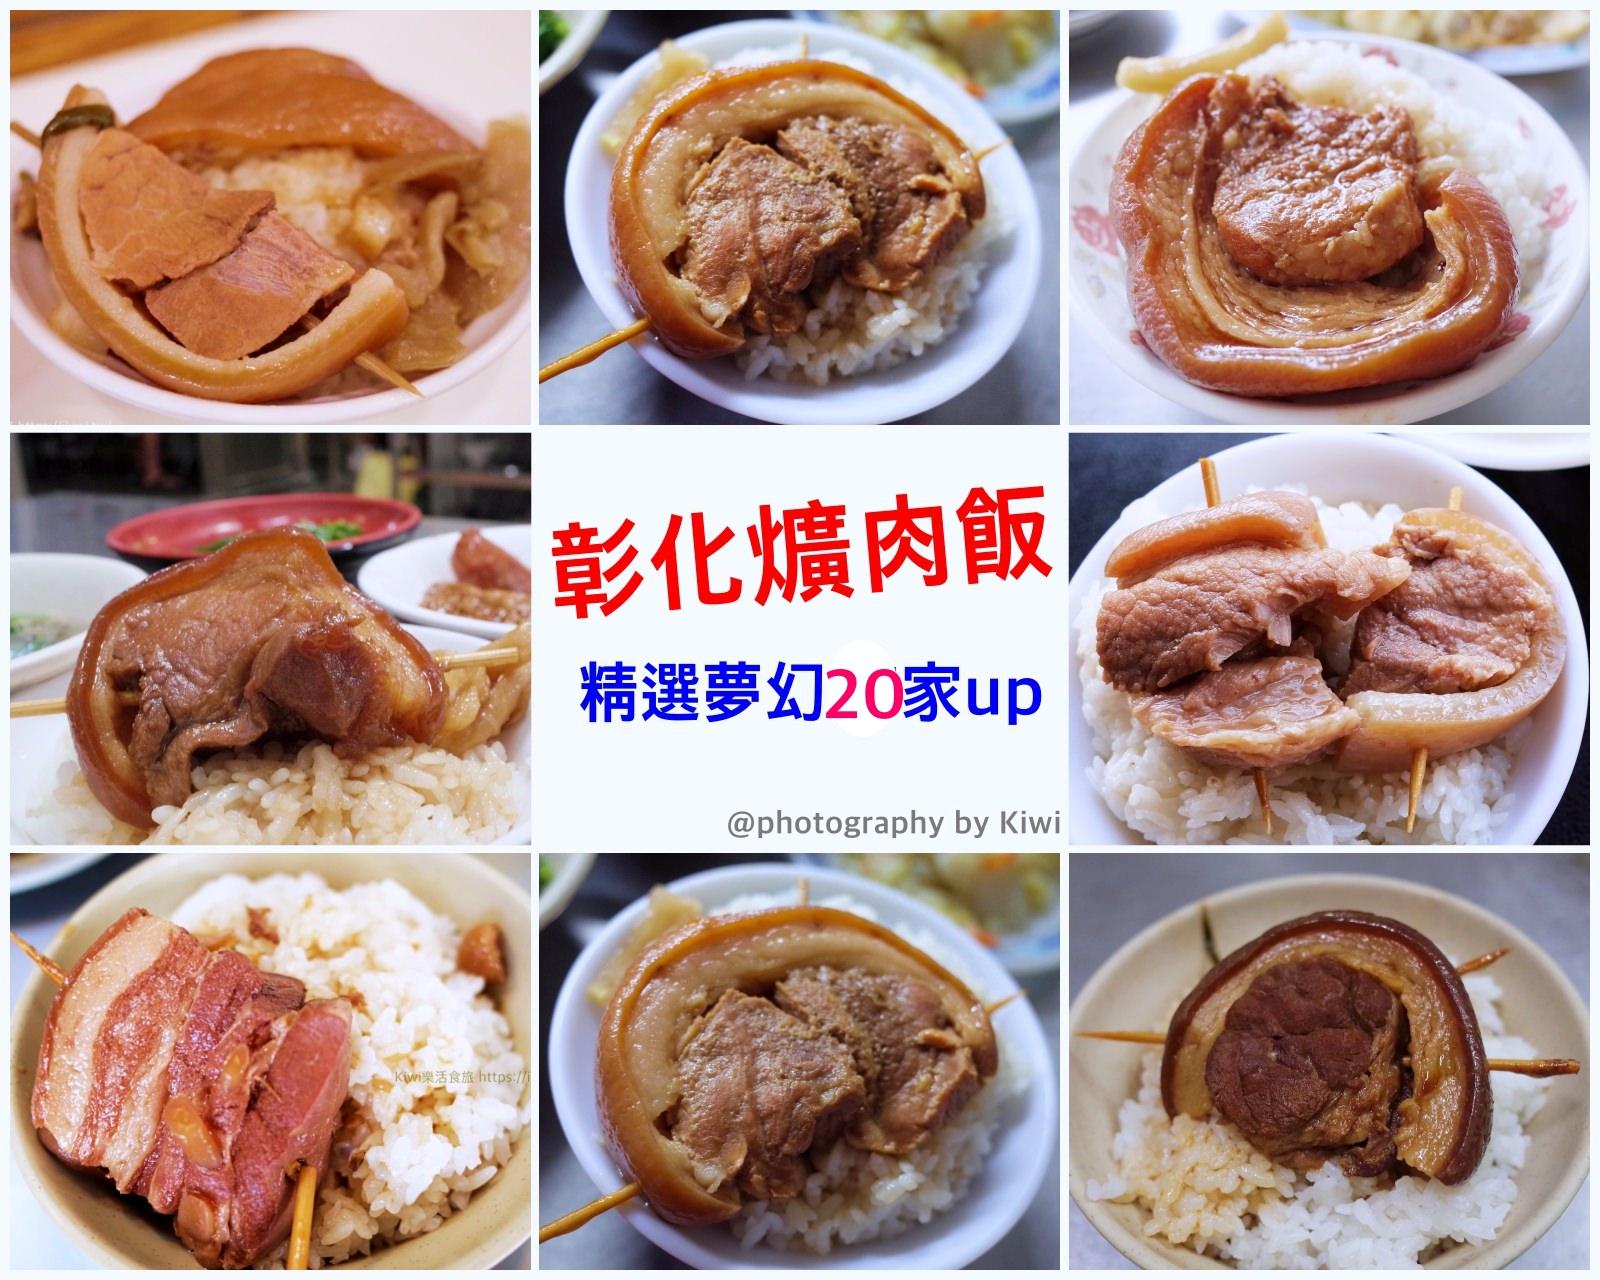 彰化爌肉飯推薦|24小時都有得吃控肉飯 彰化精選20家up爌肉飯小吃大搜索